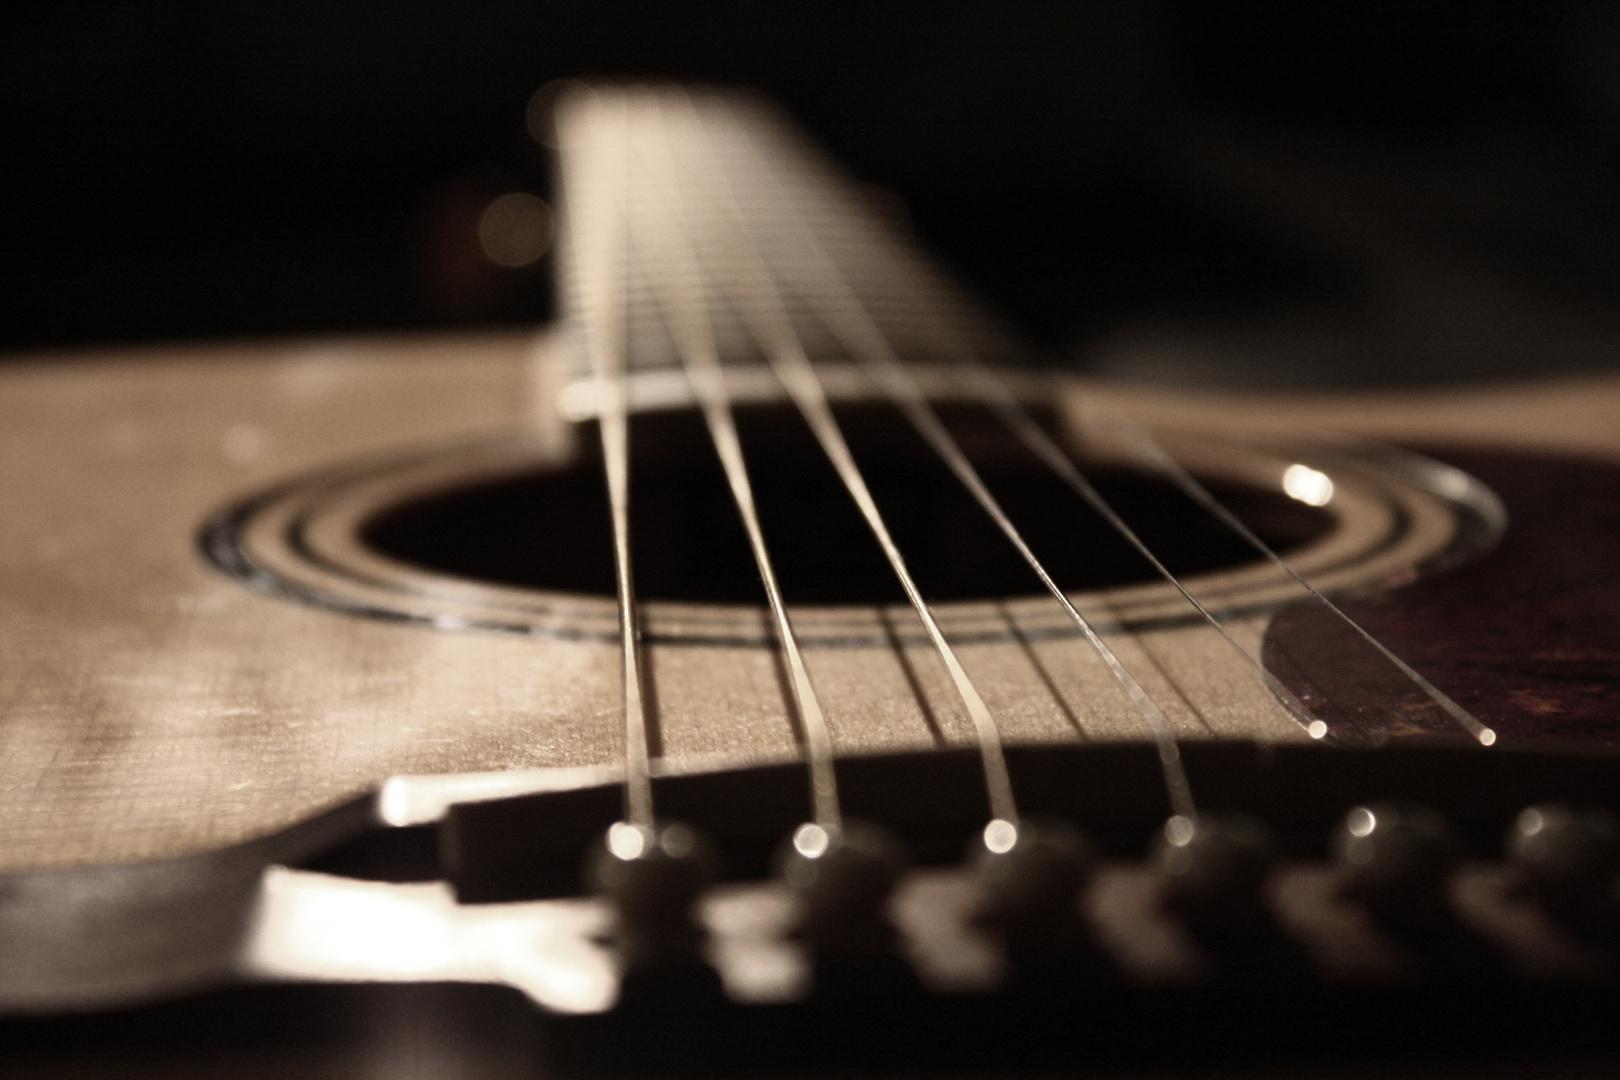 Die Ruhe der Musik